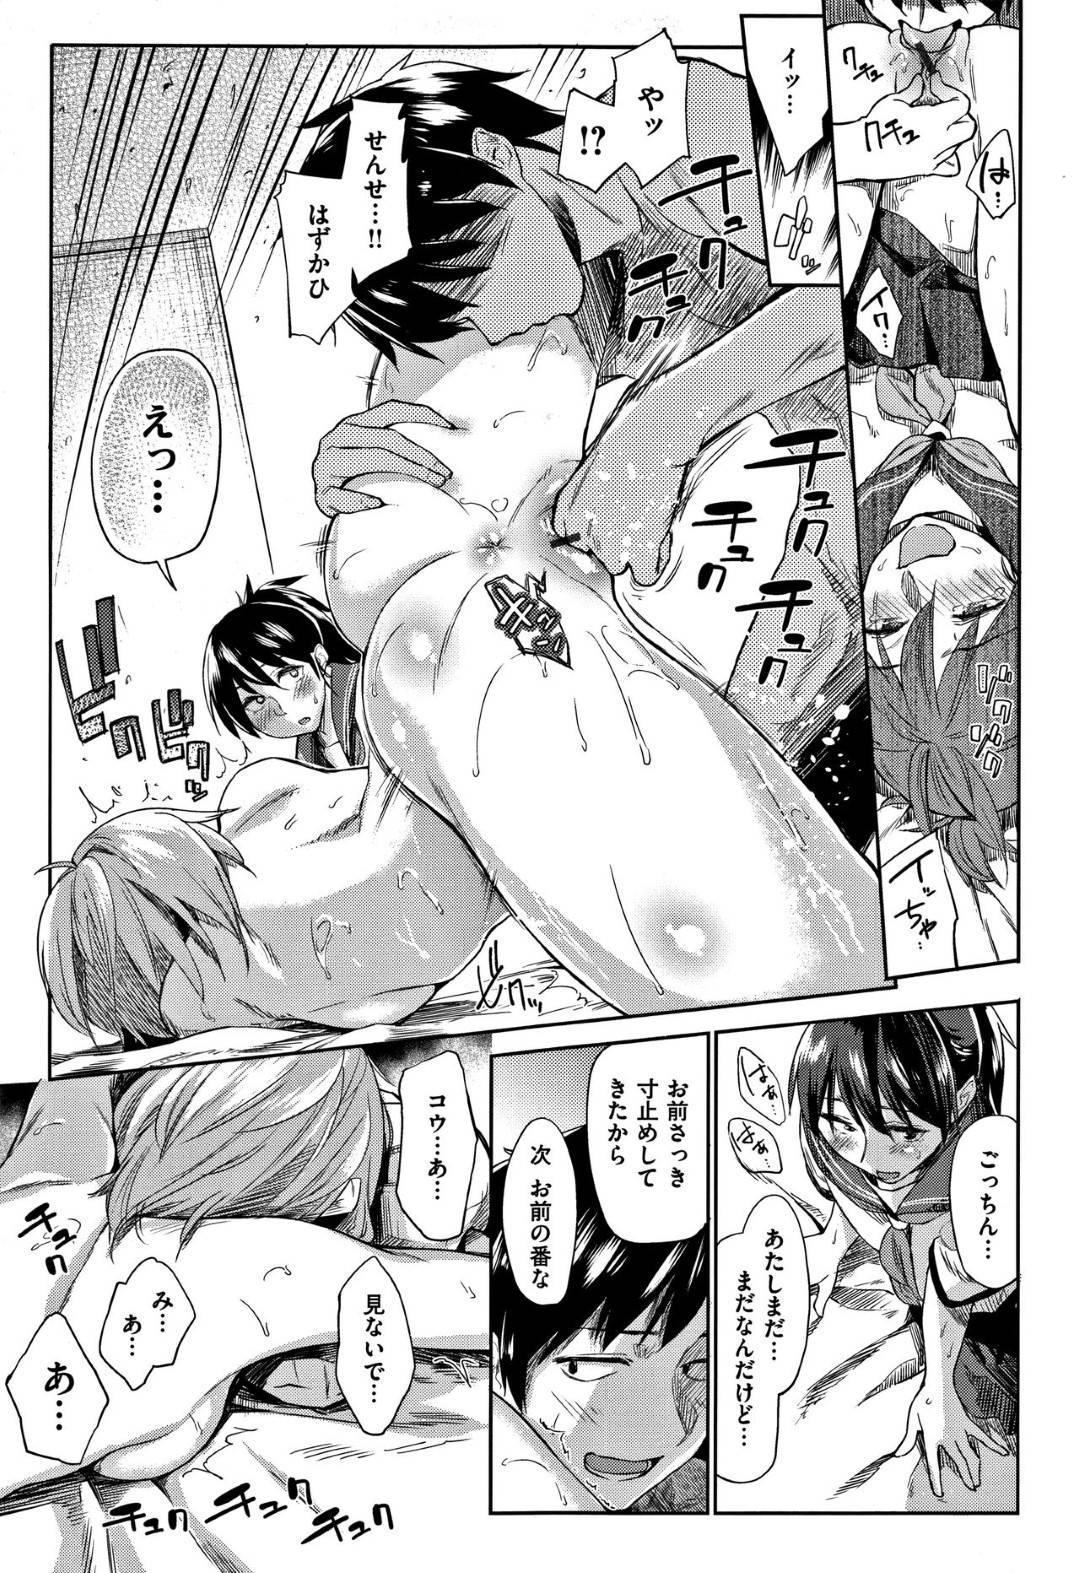 【女子高生と教師3Pエロ漫画】担任の後藤が好きだと言う中島と町田に襲われて学校で仲良く中出し3Pセックス【えーすけ】